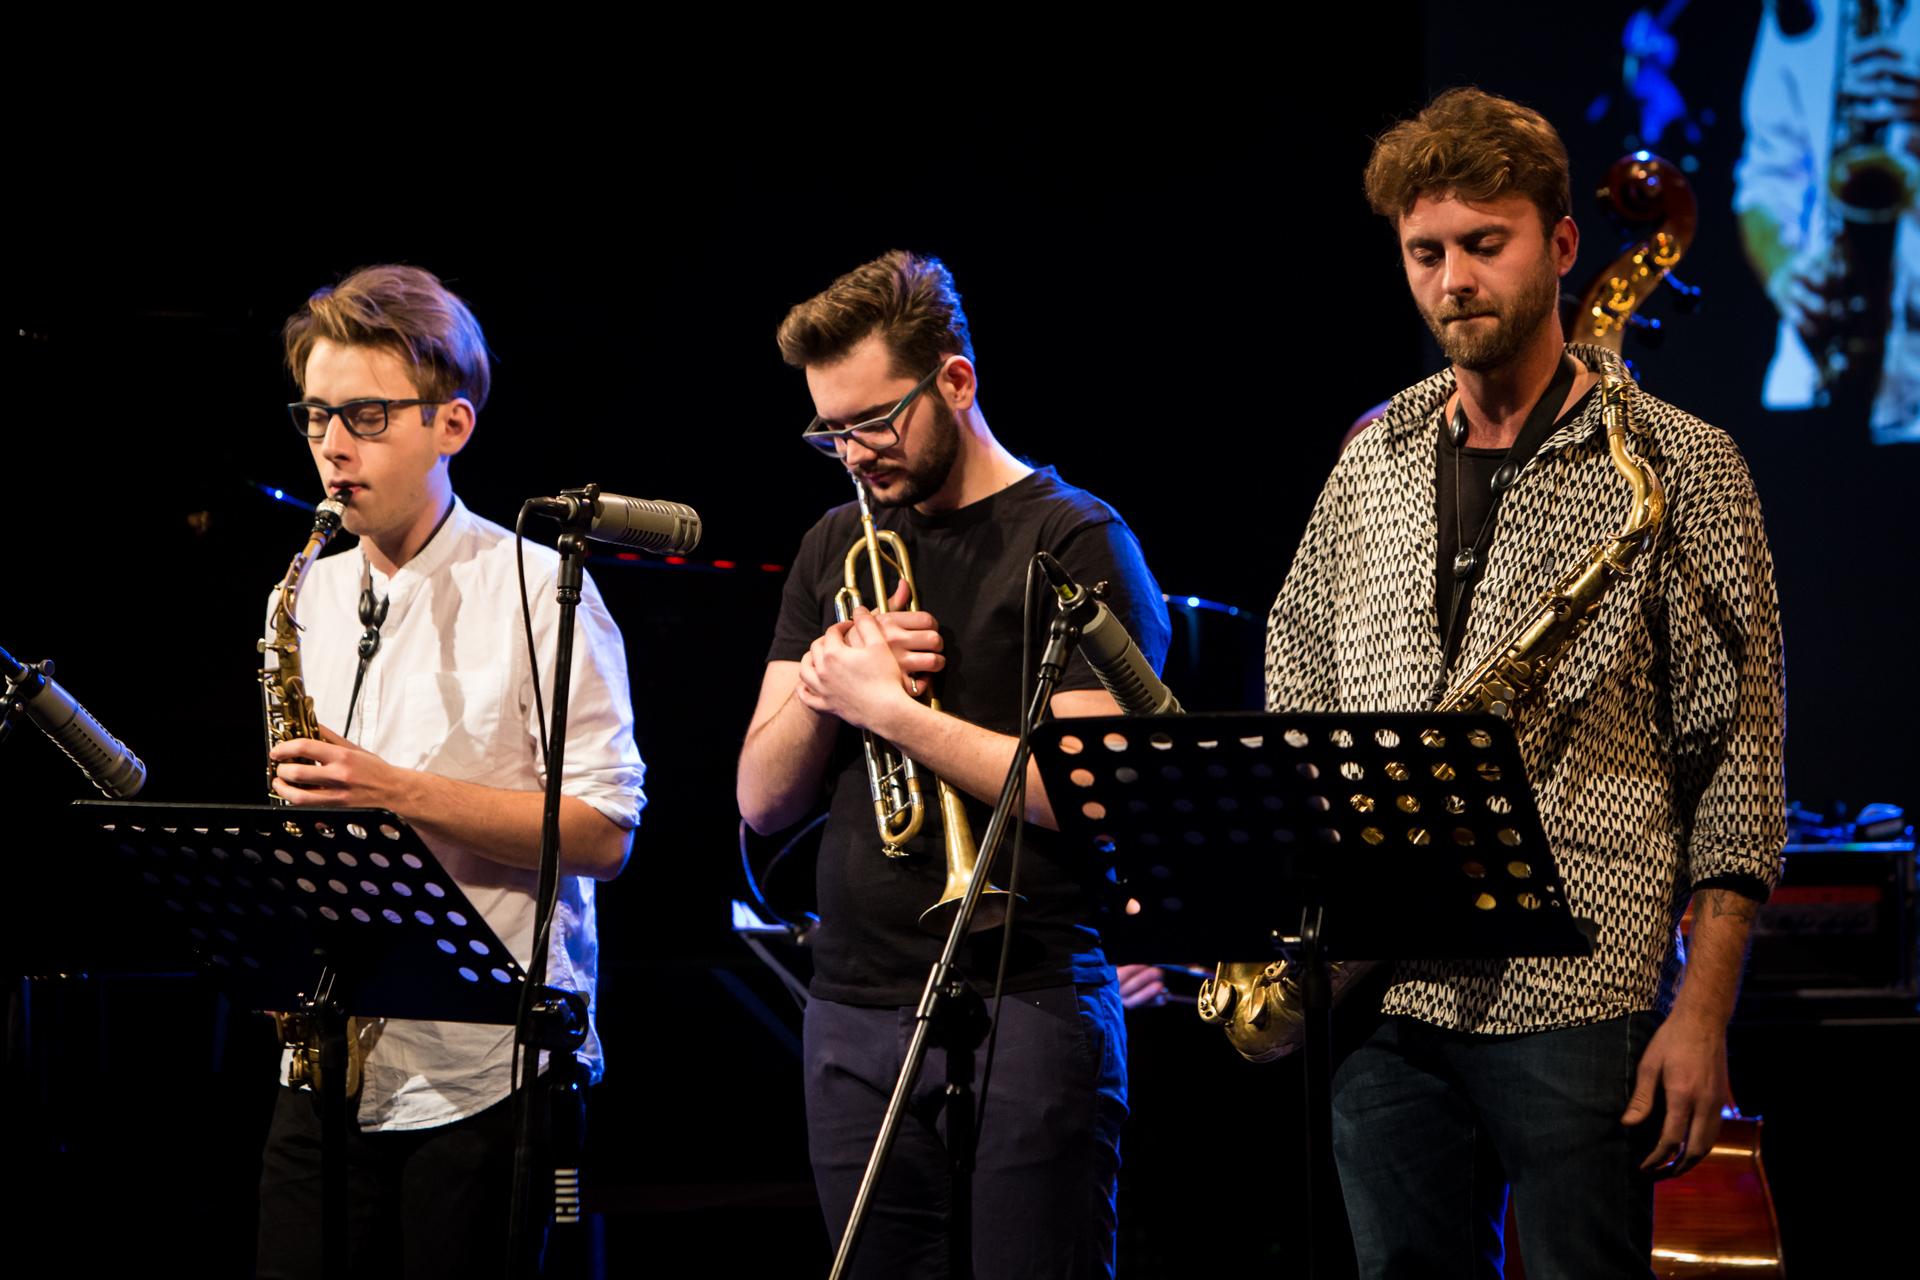 Kuba Więcek, Emil Miszk, Piotr Chęcki, foto Jakub Seydak